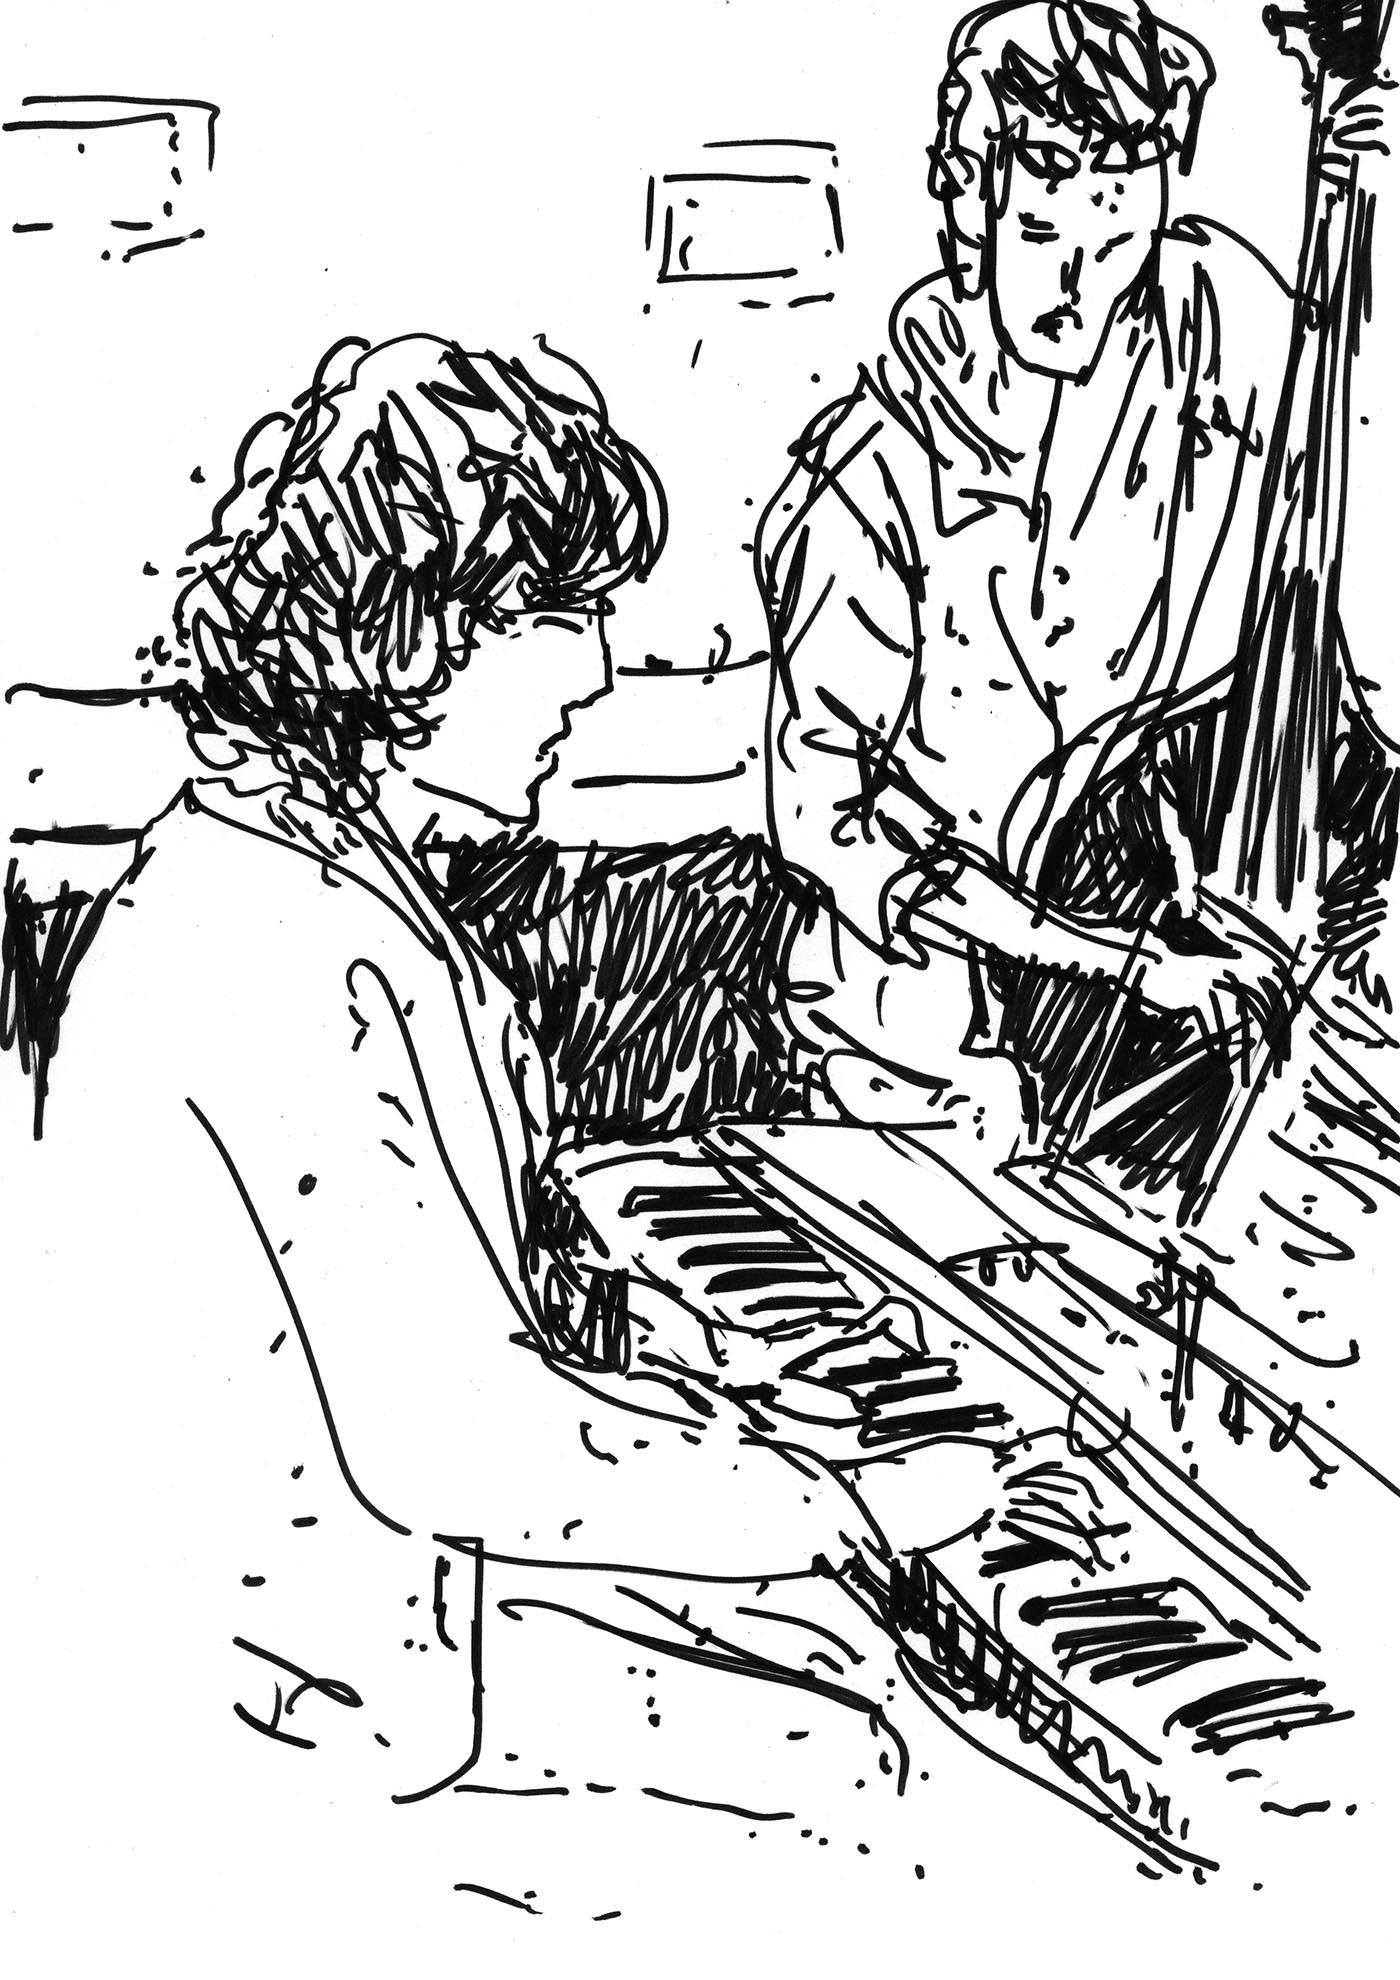 concert Drawing  drawings jazz live drawing music sketch sketchbook urban sketchers